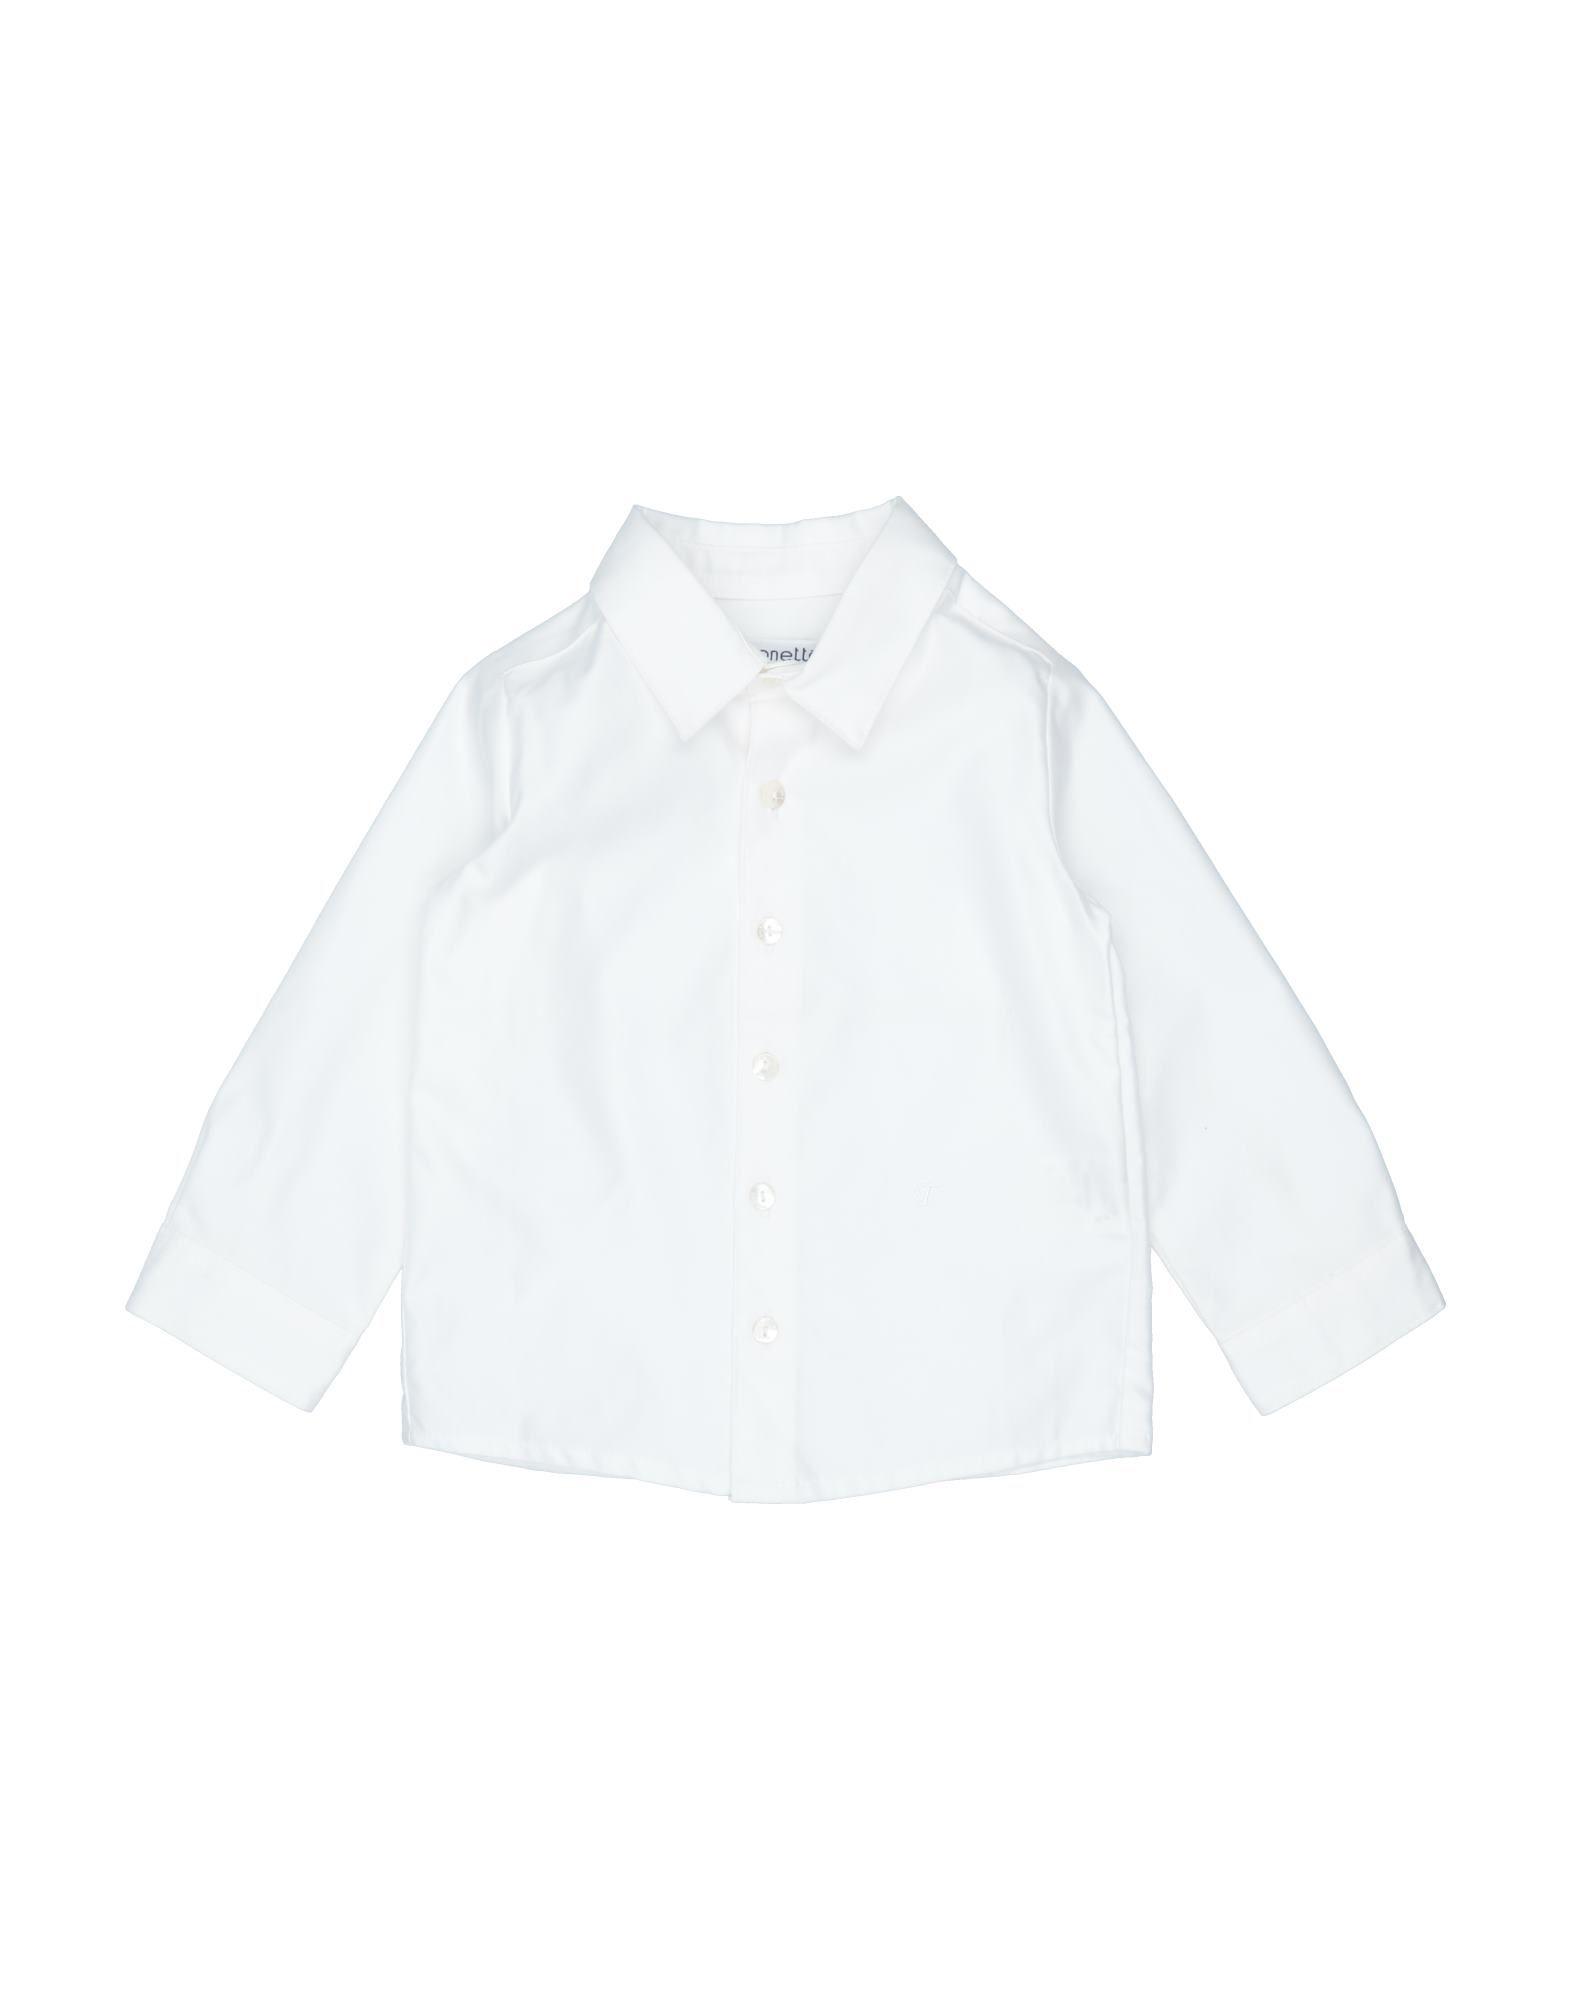 Фото - SIMONETTA TINY Pубашка simonetta tiny pубашка